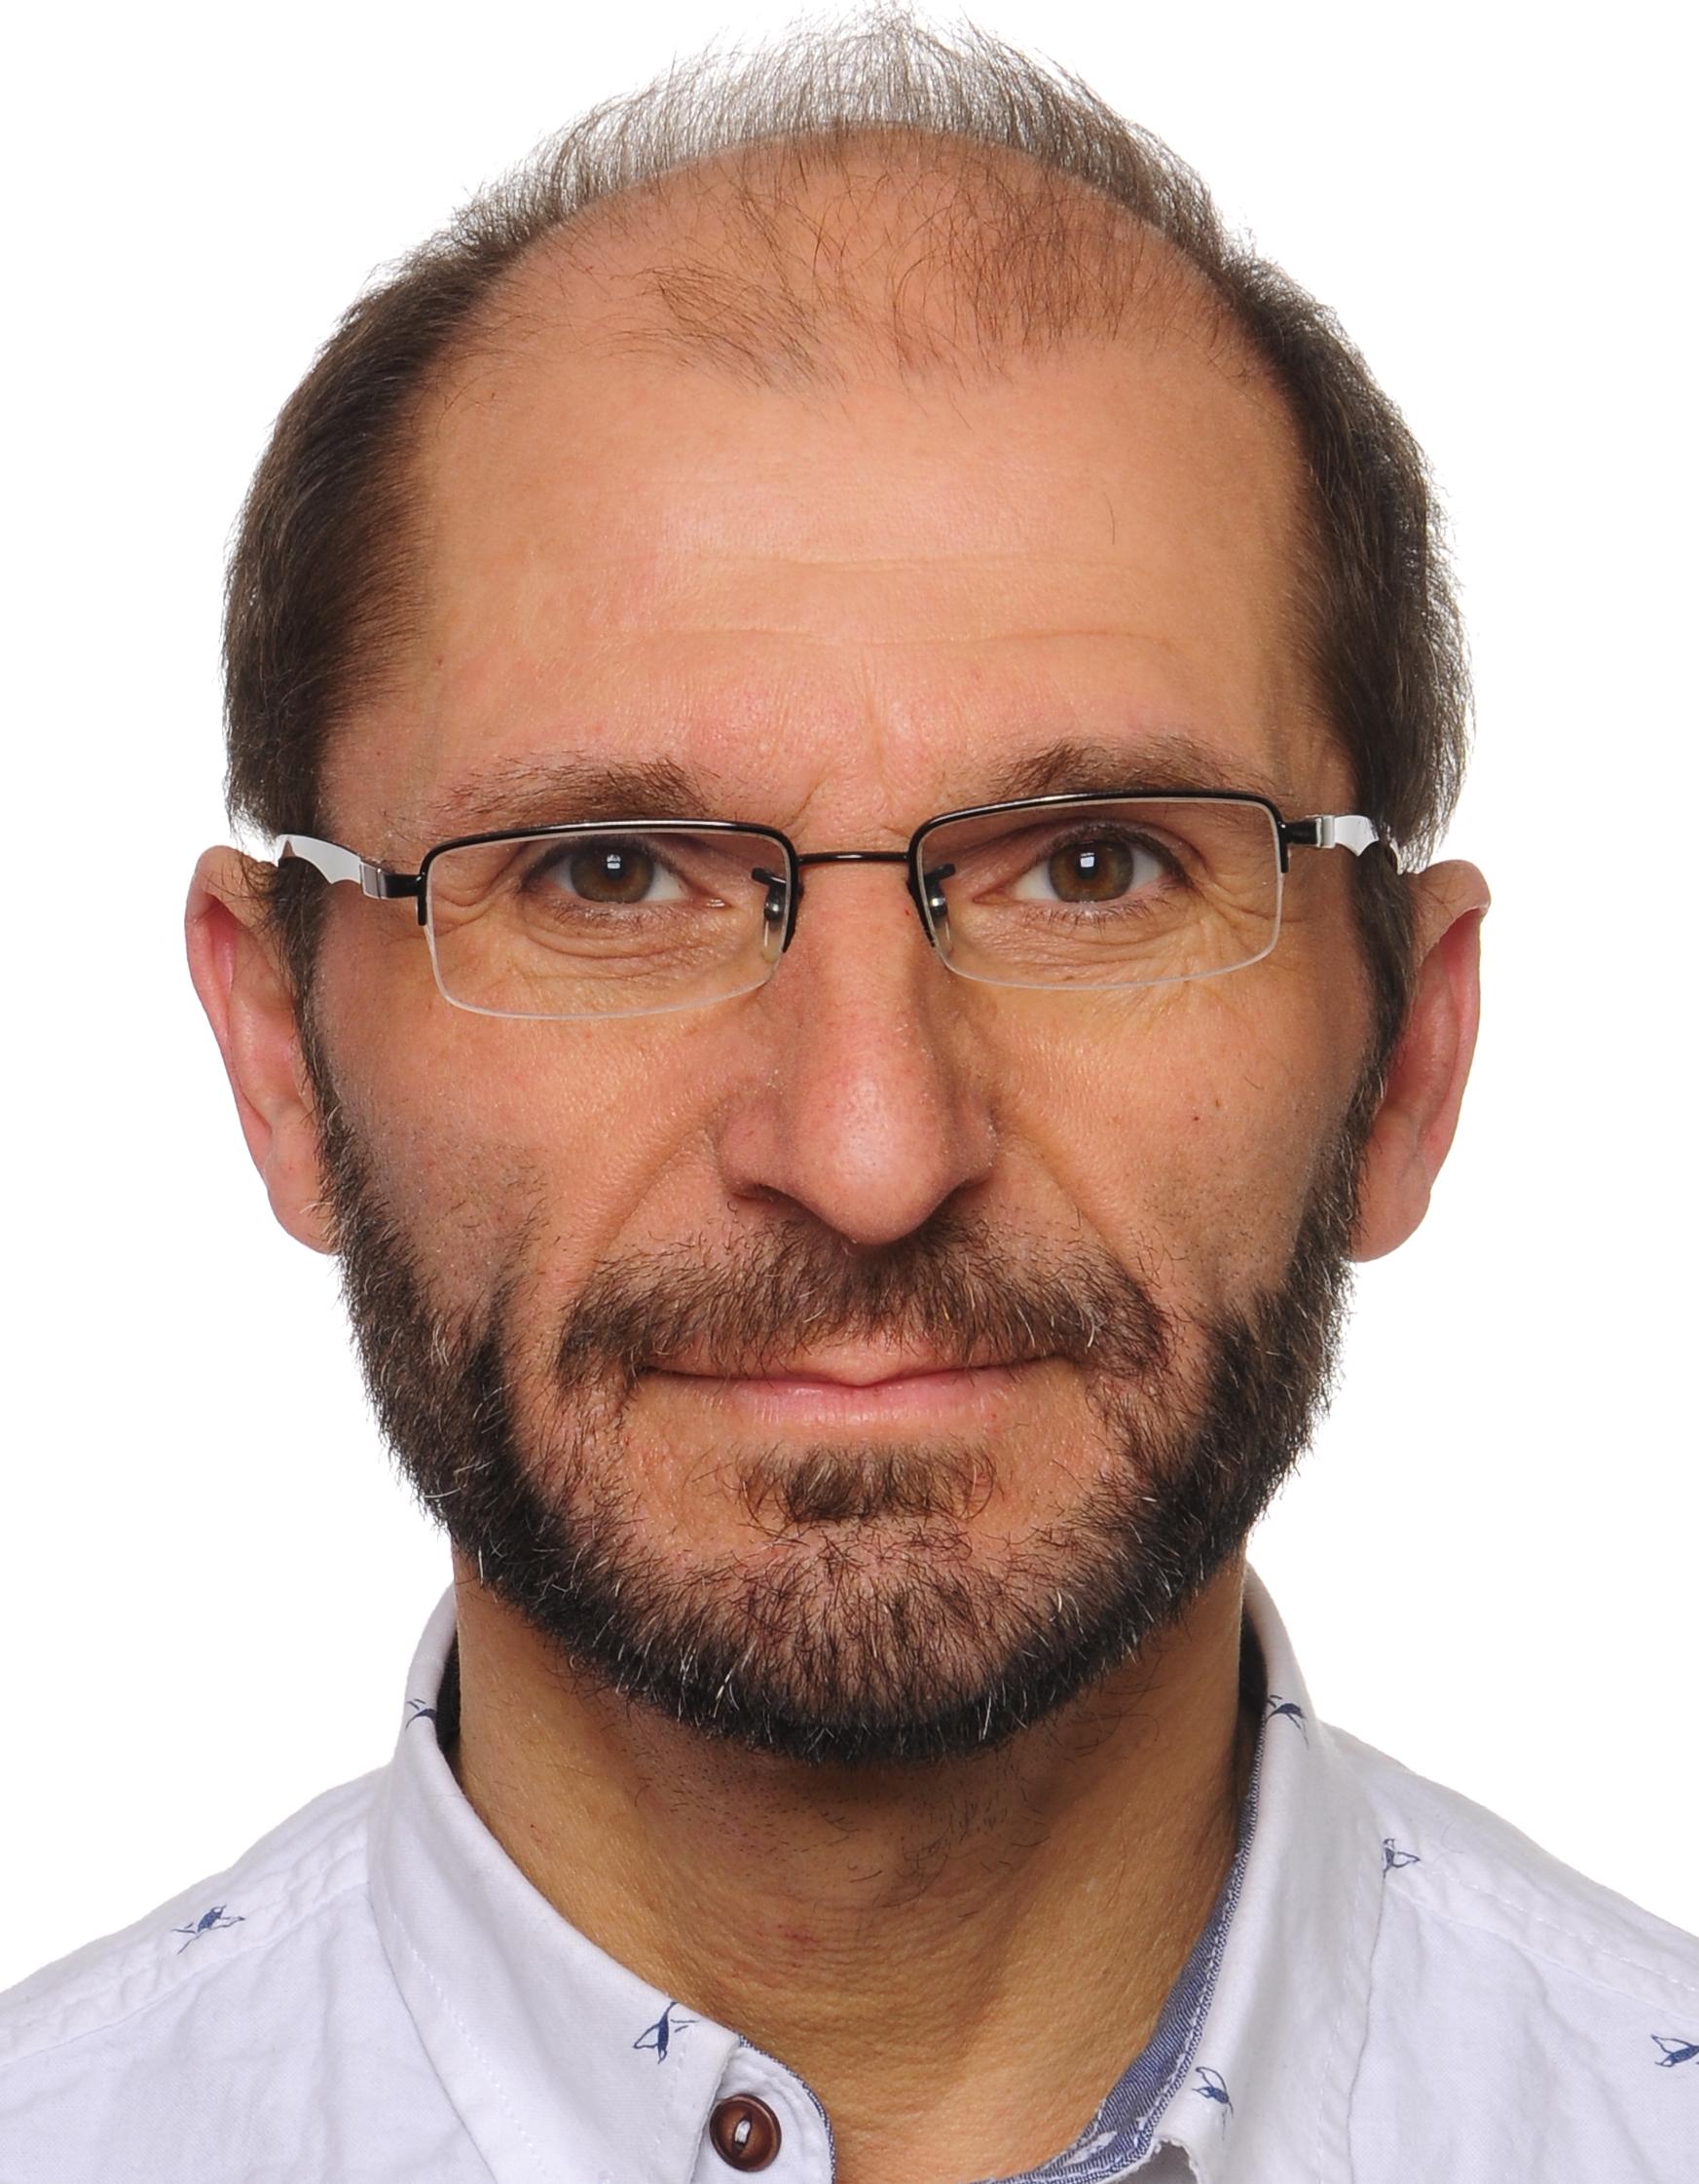 Johannes Martin Schmid